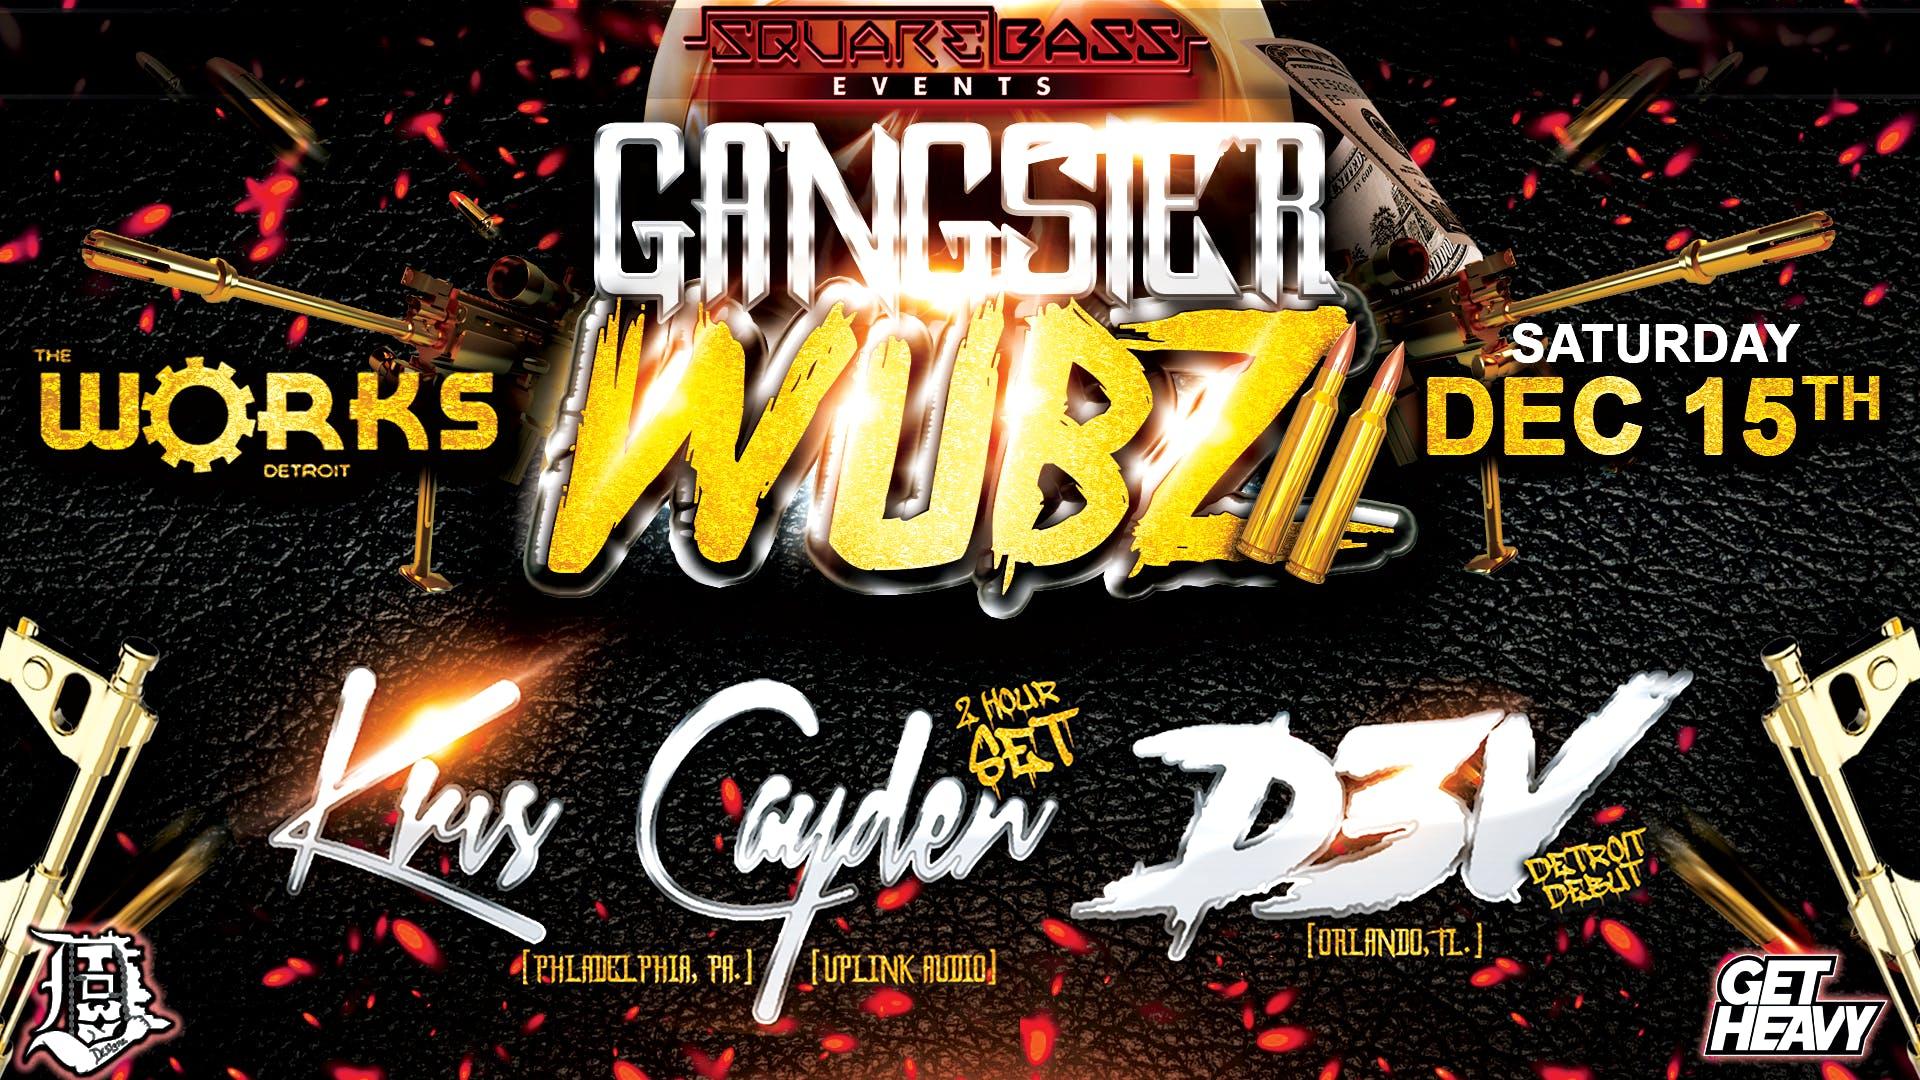 Gangster Wubz 2 Ft. Kris Cayden & D3V at The Works